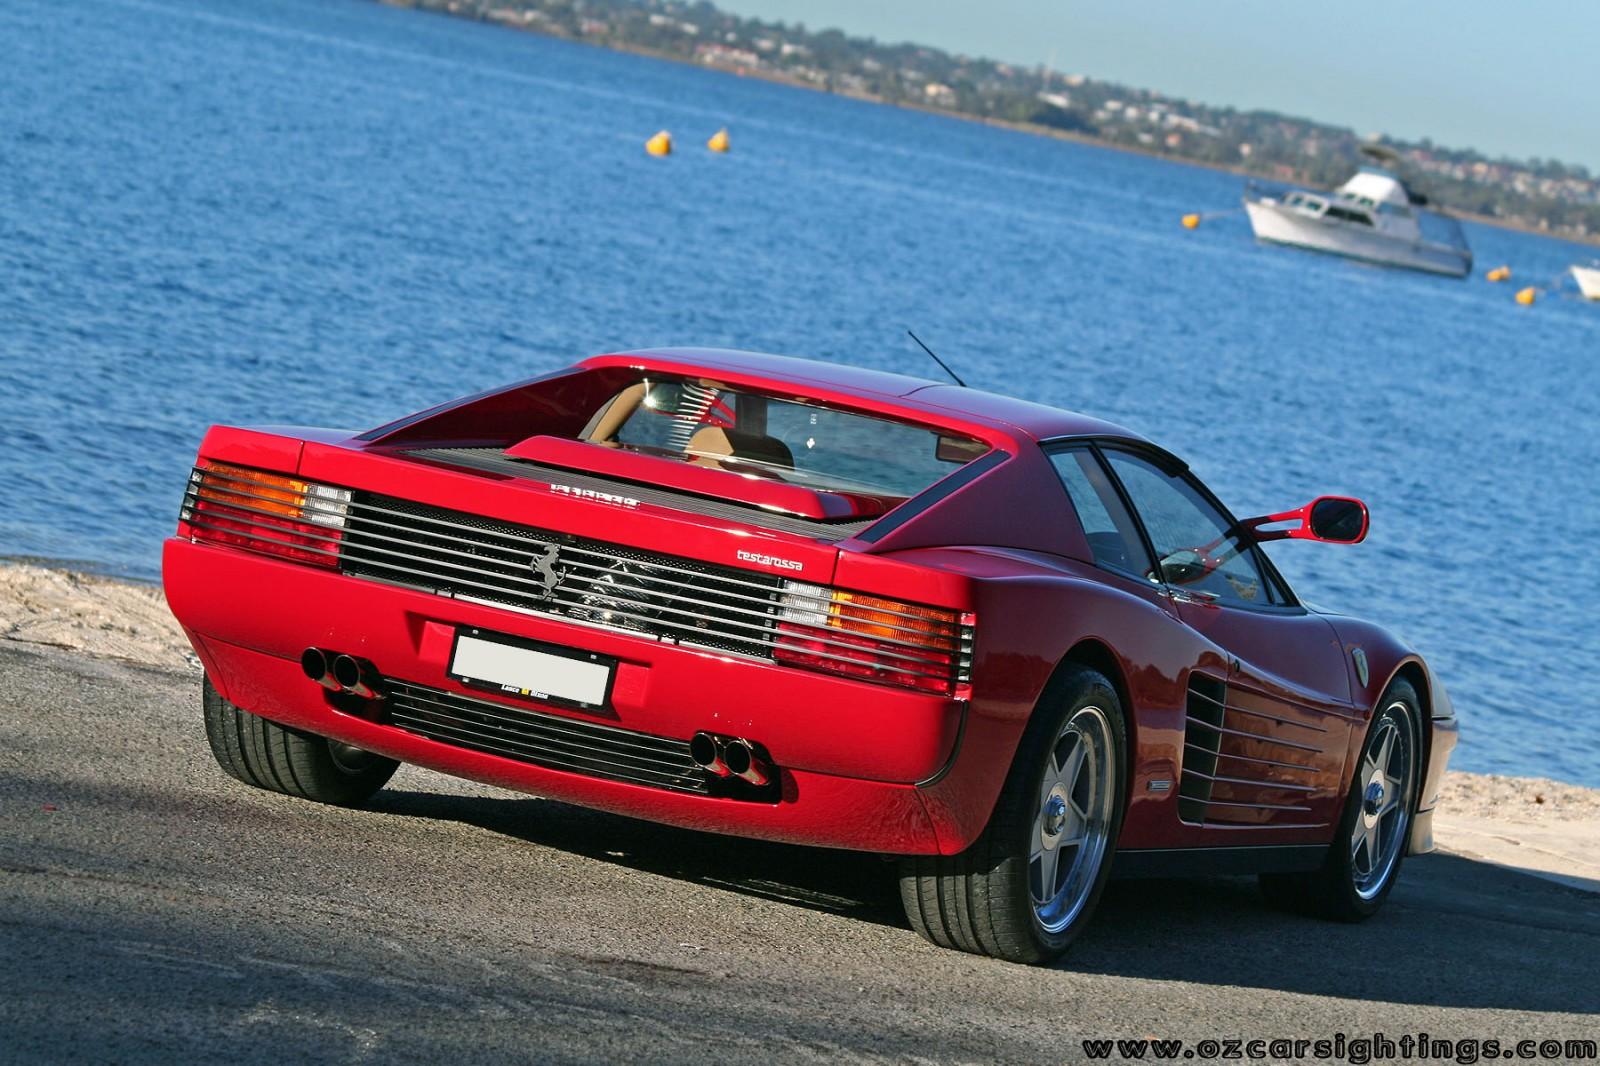 ferrari testarossa (10) dingo Ferrari Testarossa Photoshoot